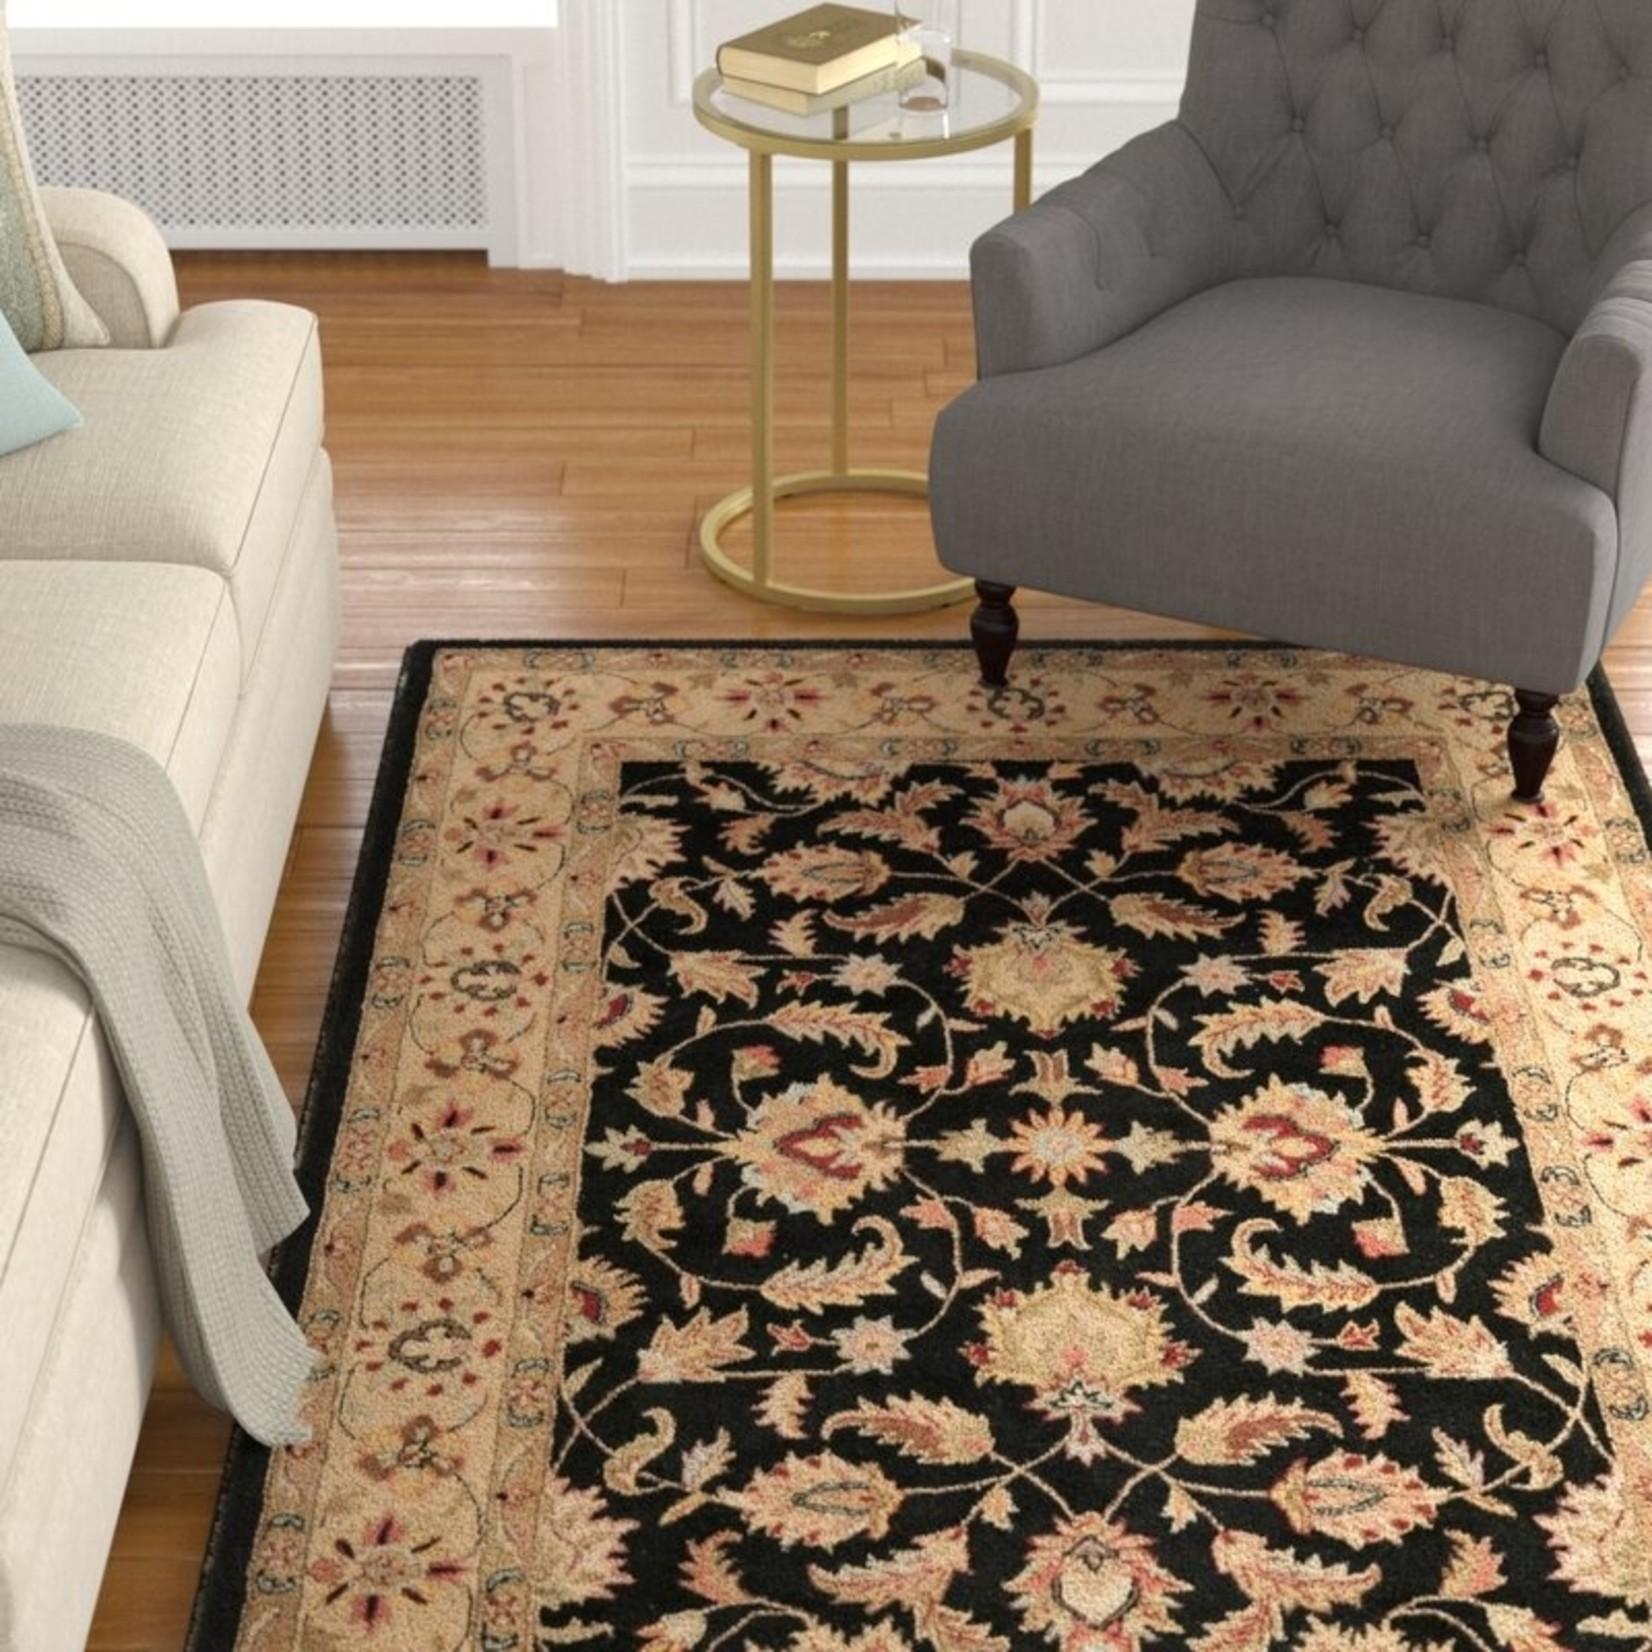 """*9'6"""" x 13'6"""" - Cranmore Oriental Handmade Tufted Wool Black/Beige Area Rug"""